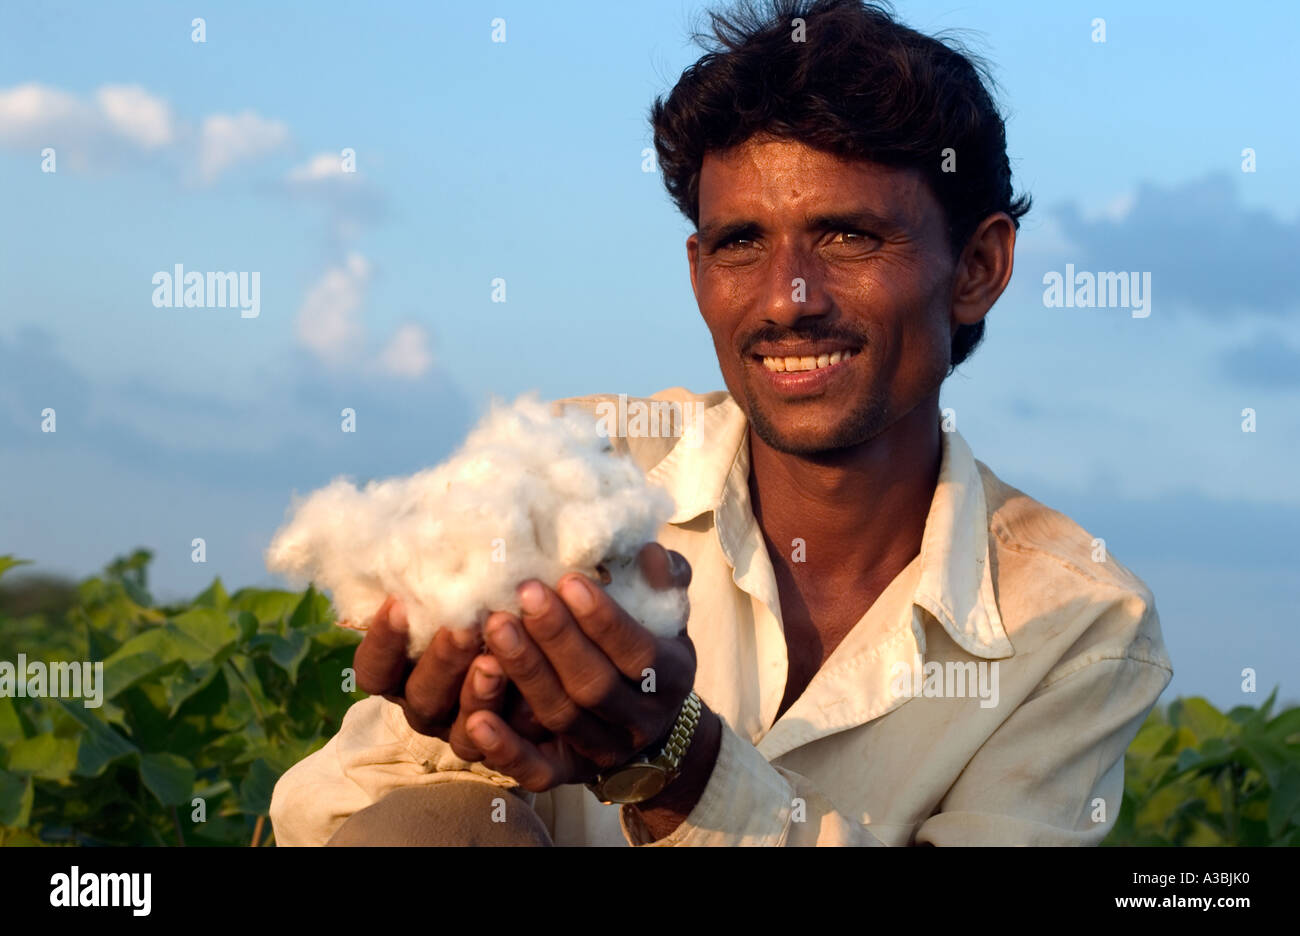 Agricultor em Guajarat Índia cresce o algodão que ele vende sob o regime de Fairtrade Marks and Spencer Imagens de Stock